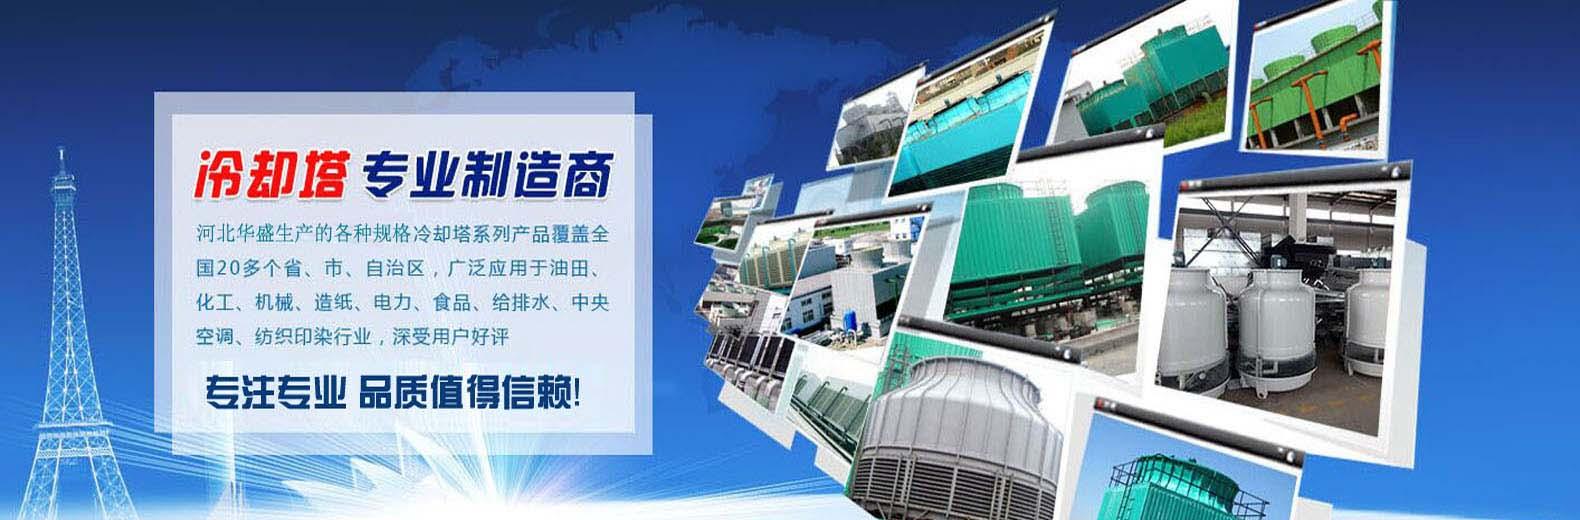 万博手机网页app版生产厂家